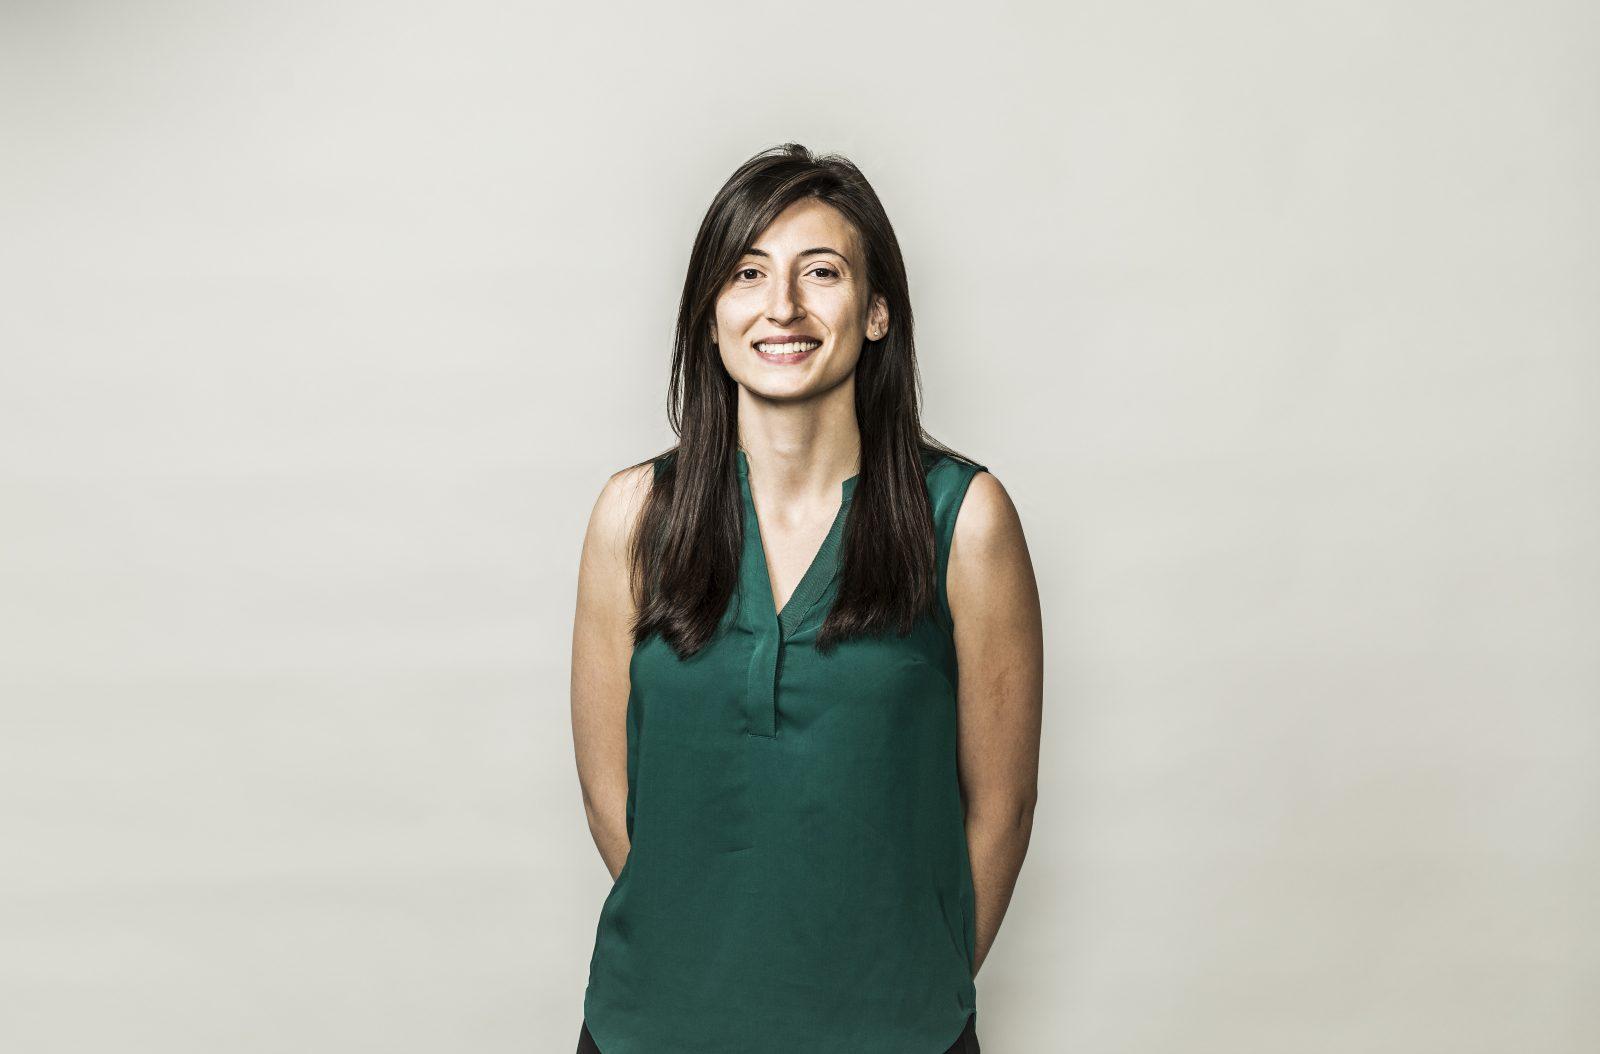 Headshot of Daniella Primi